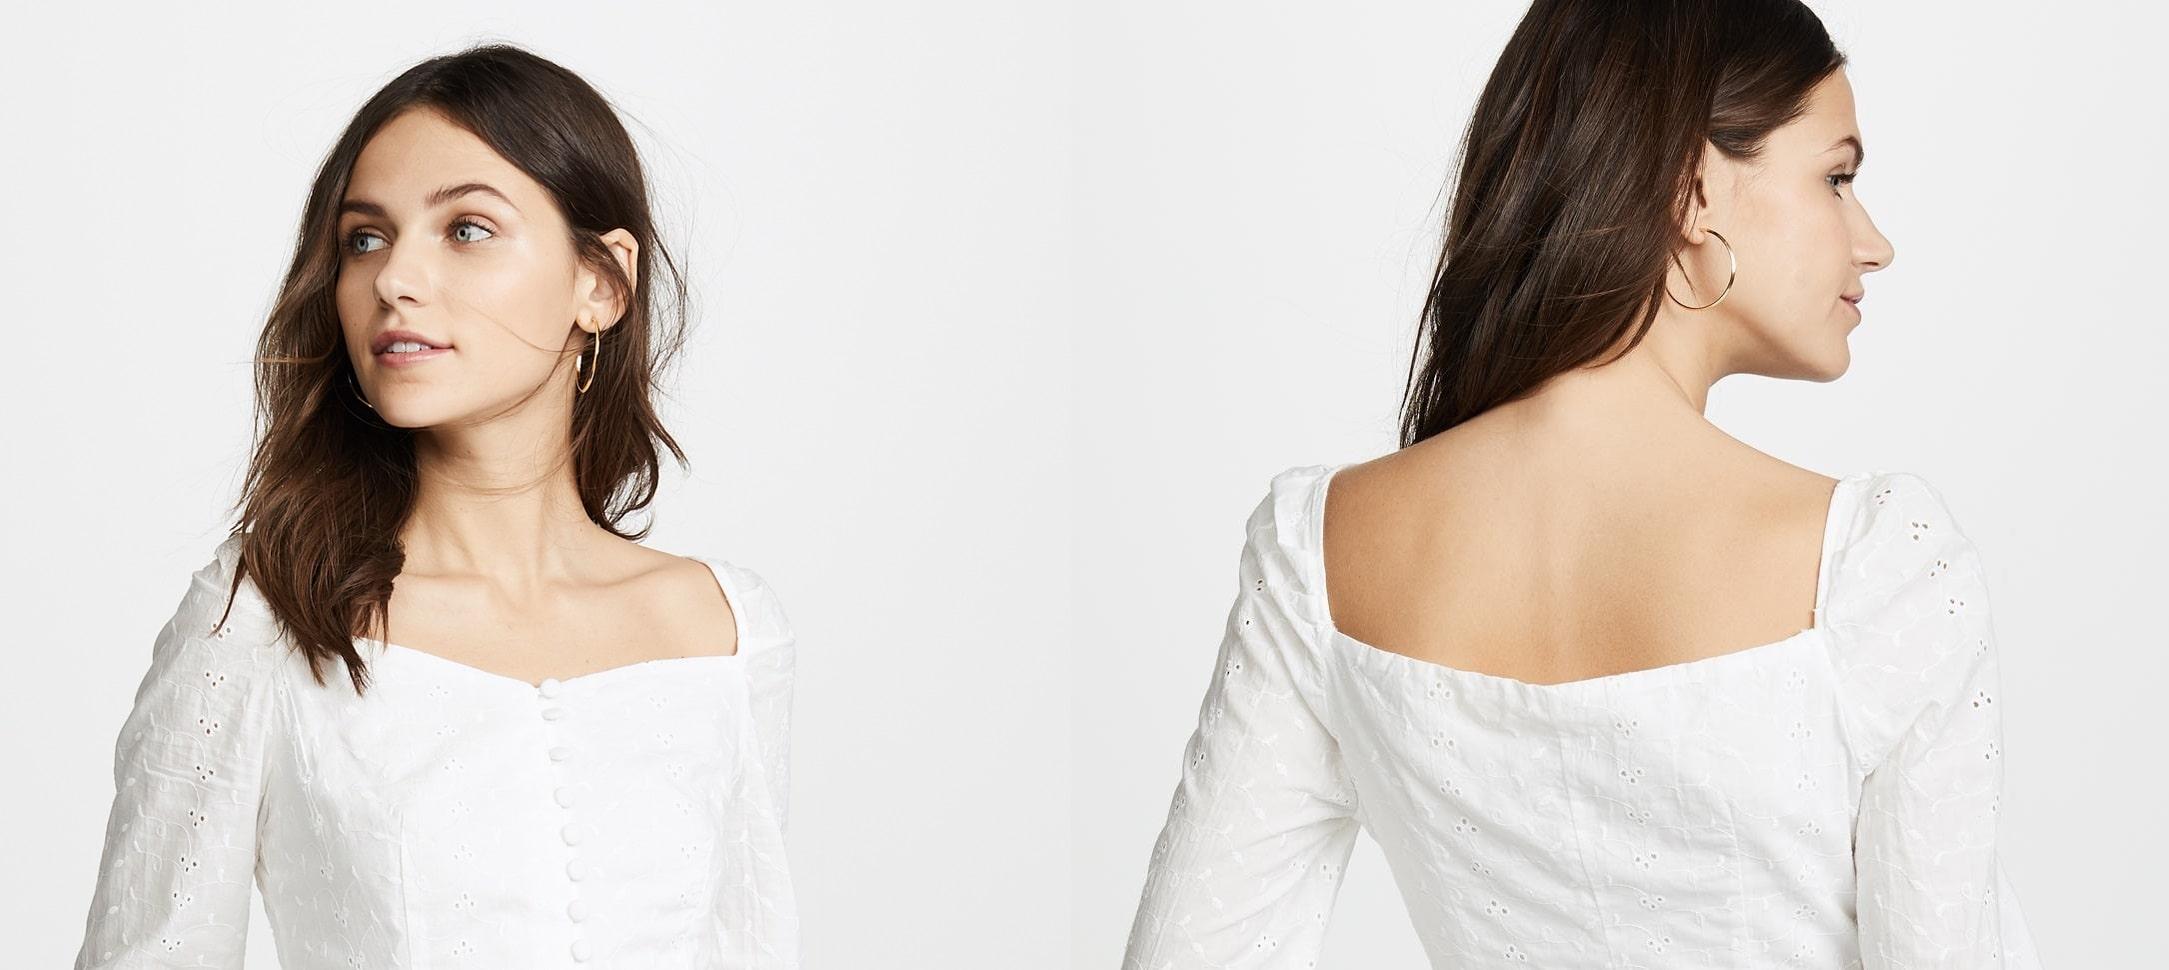 انتخاب نوع لباس بر اساس شکل اندام - یقه دلبری